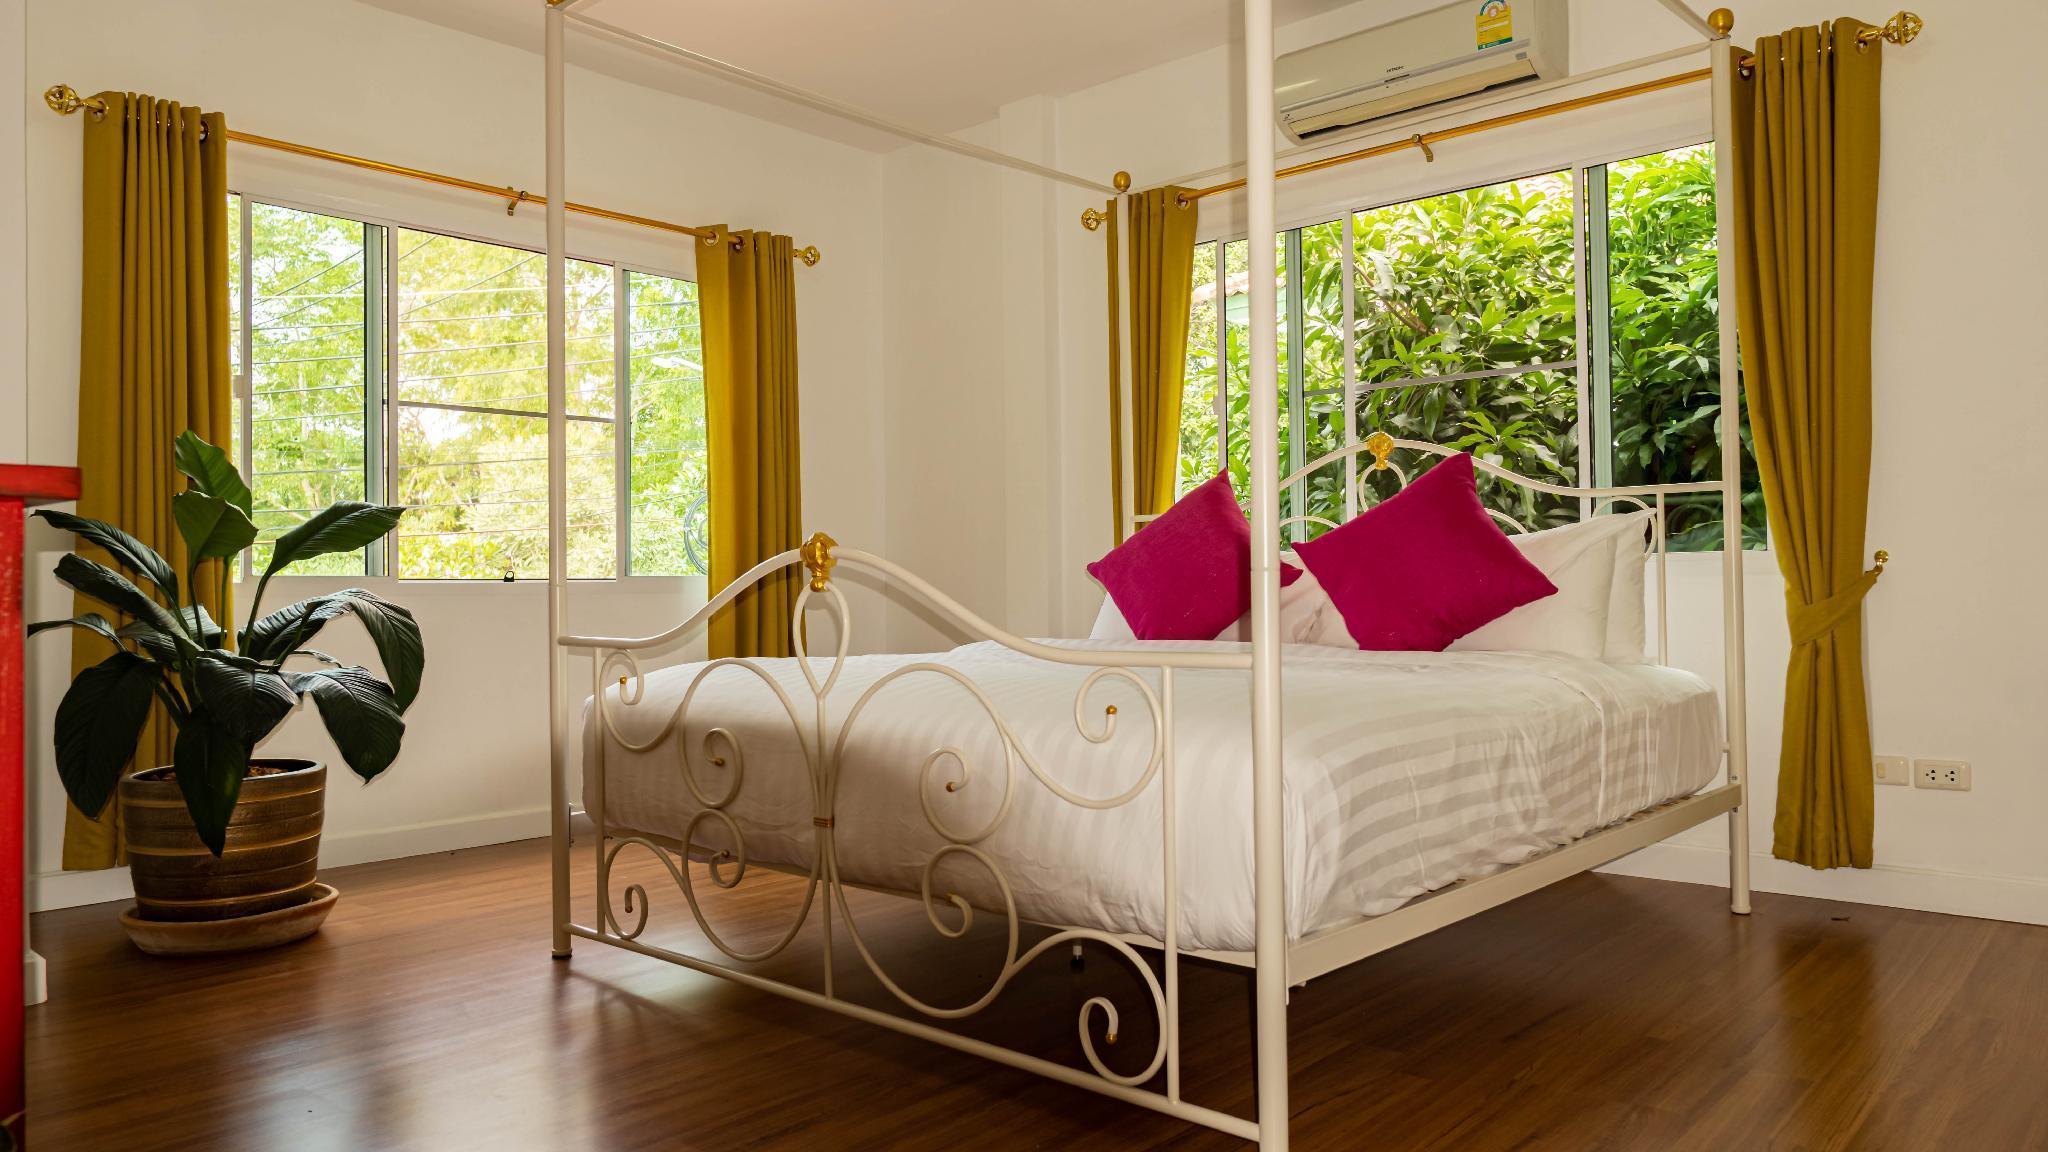 EMMY HOME บ้านเดี่ยว 3 ห้องนอน 3 ห้องน้ำส่วนตัว ขนาด 125 ตร.ม. – สุเทพ